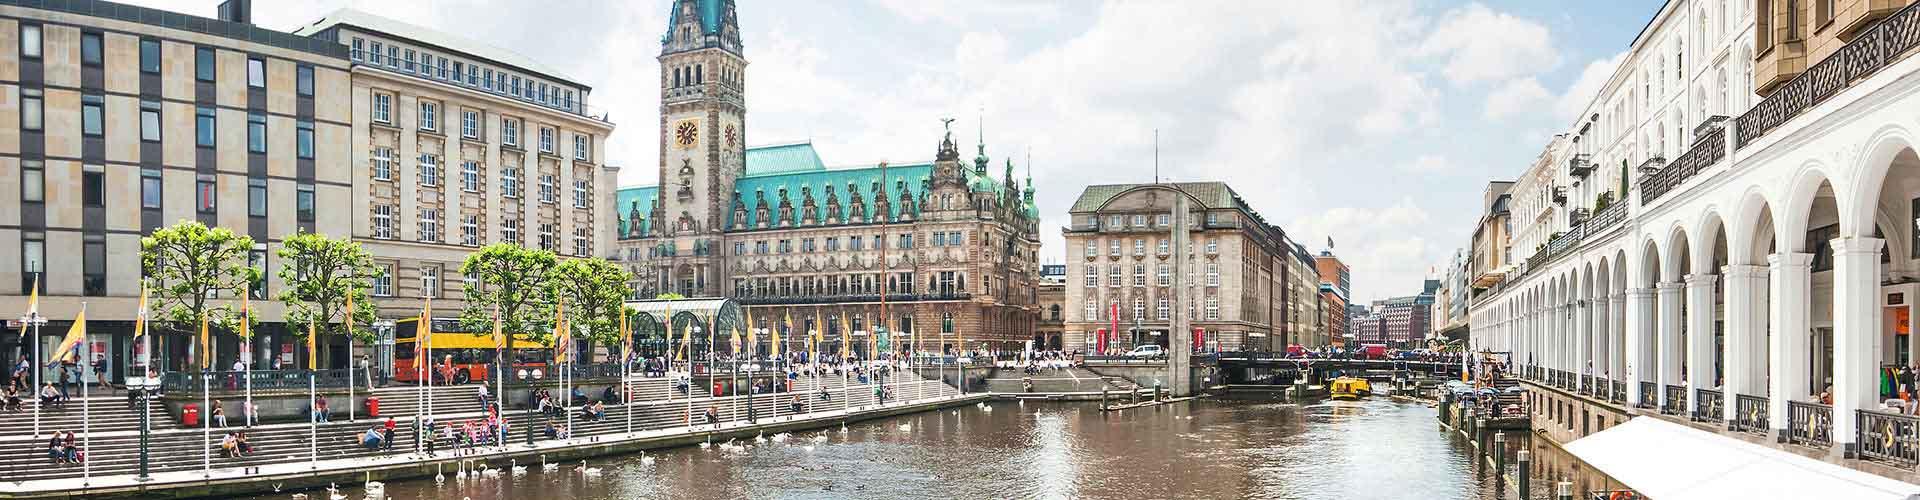 함부르크 - Altona-North지역에 위치한 호텔. 함부르크의 지도, 함부르크에 위치한 호텔에 대한 사진 및 리뷰.